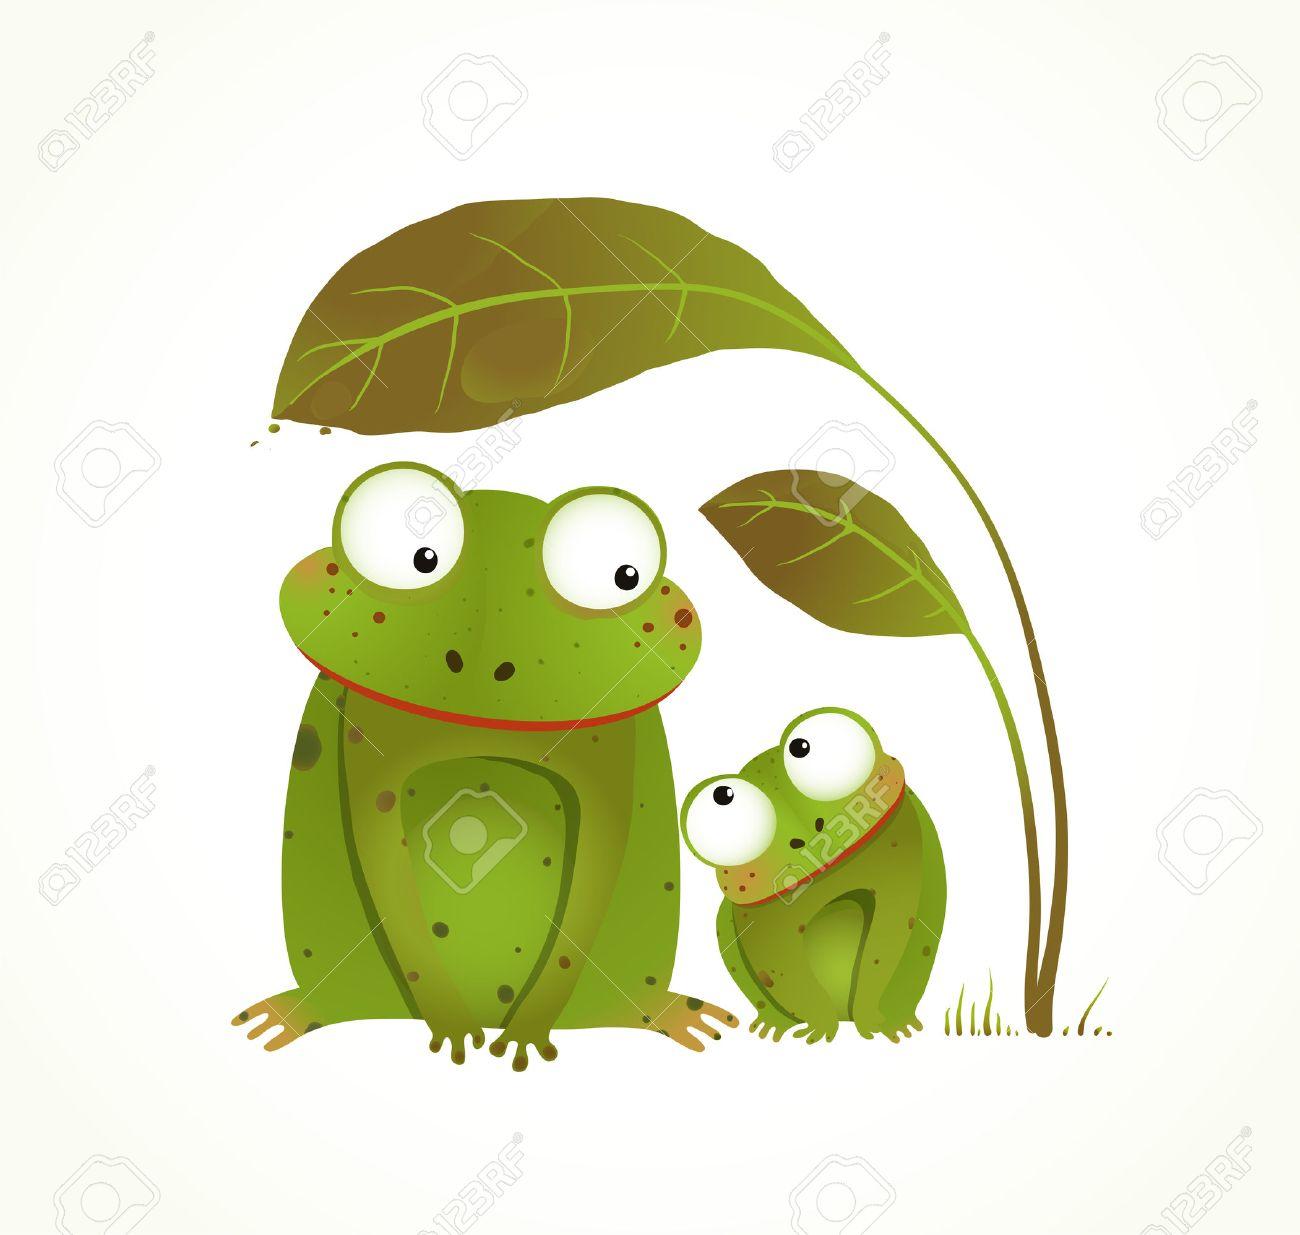 Duas Ras Mae E Bebe Infantil Animal Cartoon Desenho De Estilo